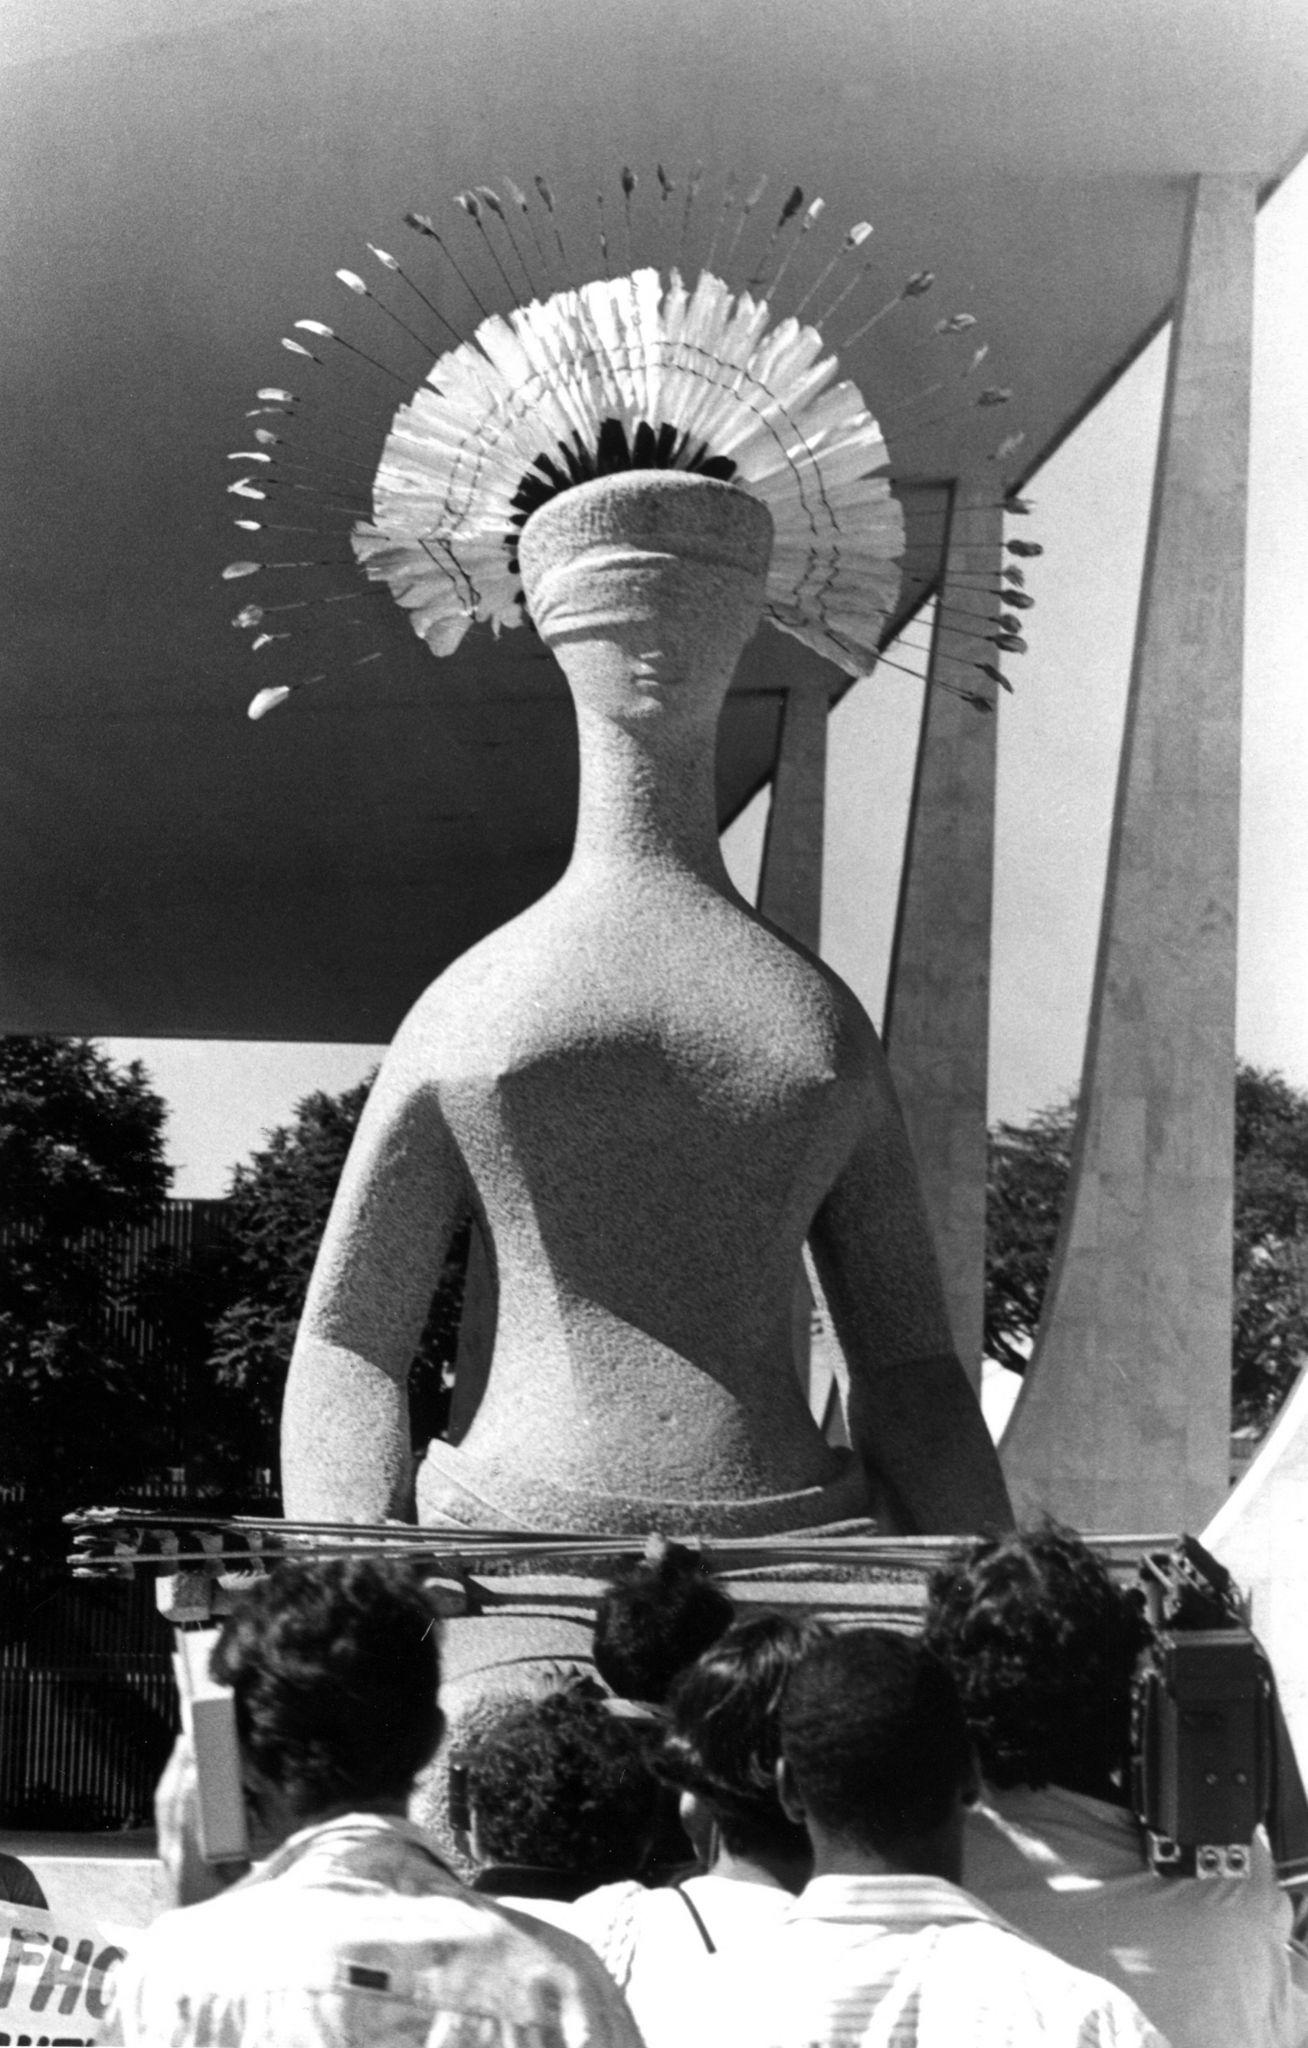 Bené Fonteles, intervenção na praça dos Três Poderes, Brasília, 1996. Foto de Iêda Cavalcante.